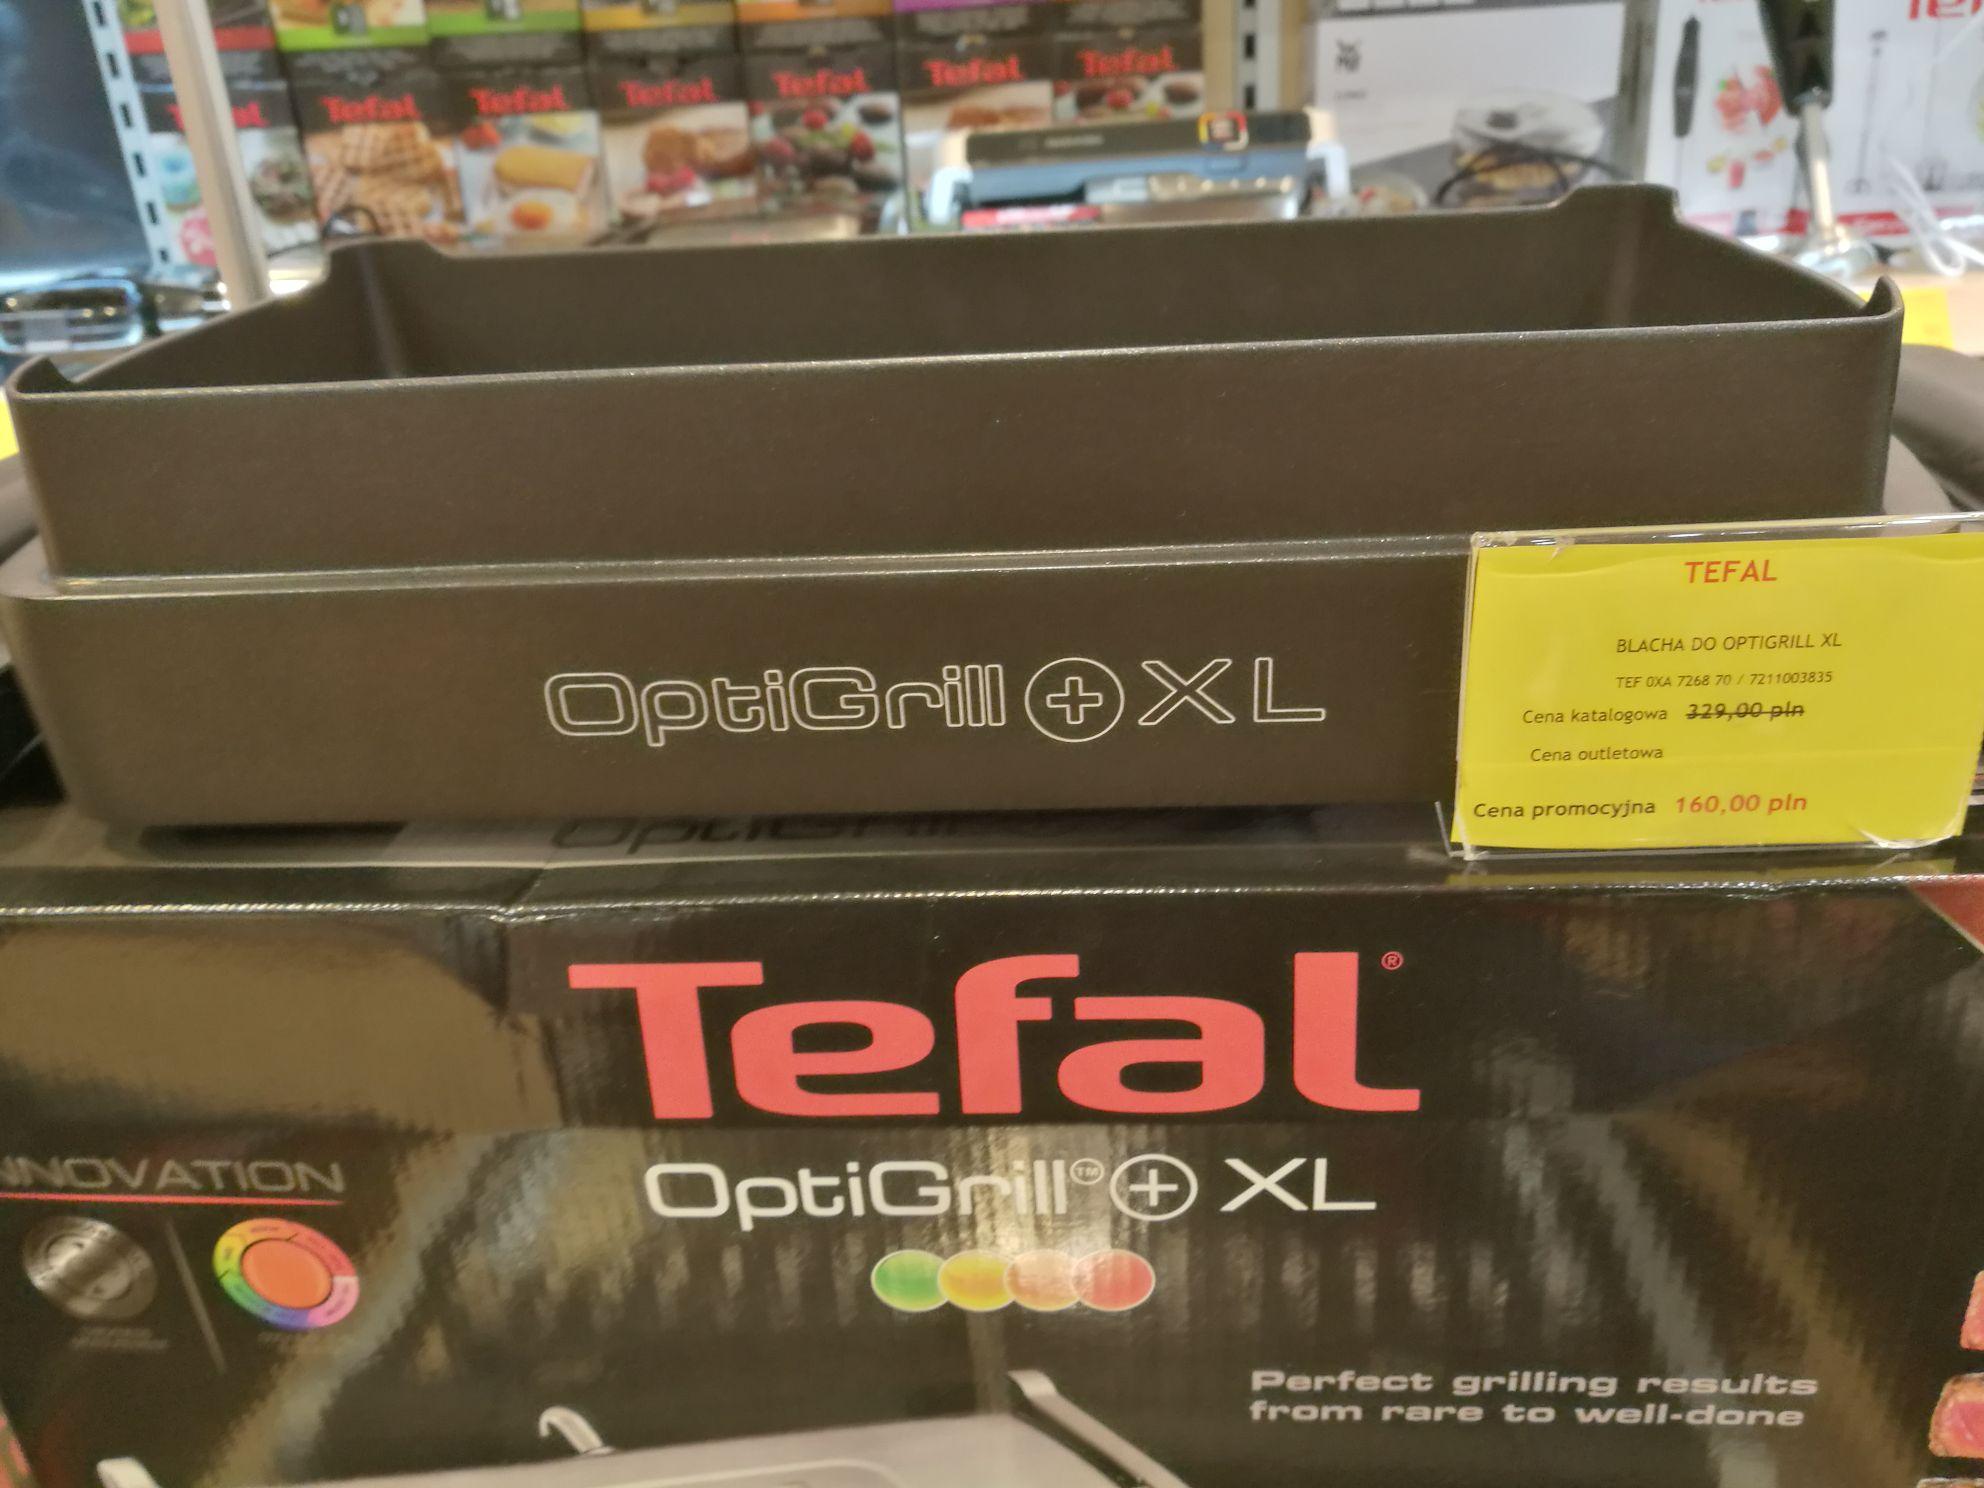 Forma do Tefal Optigrill + XL